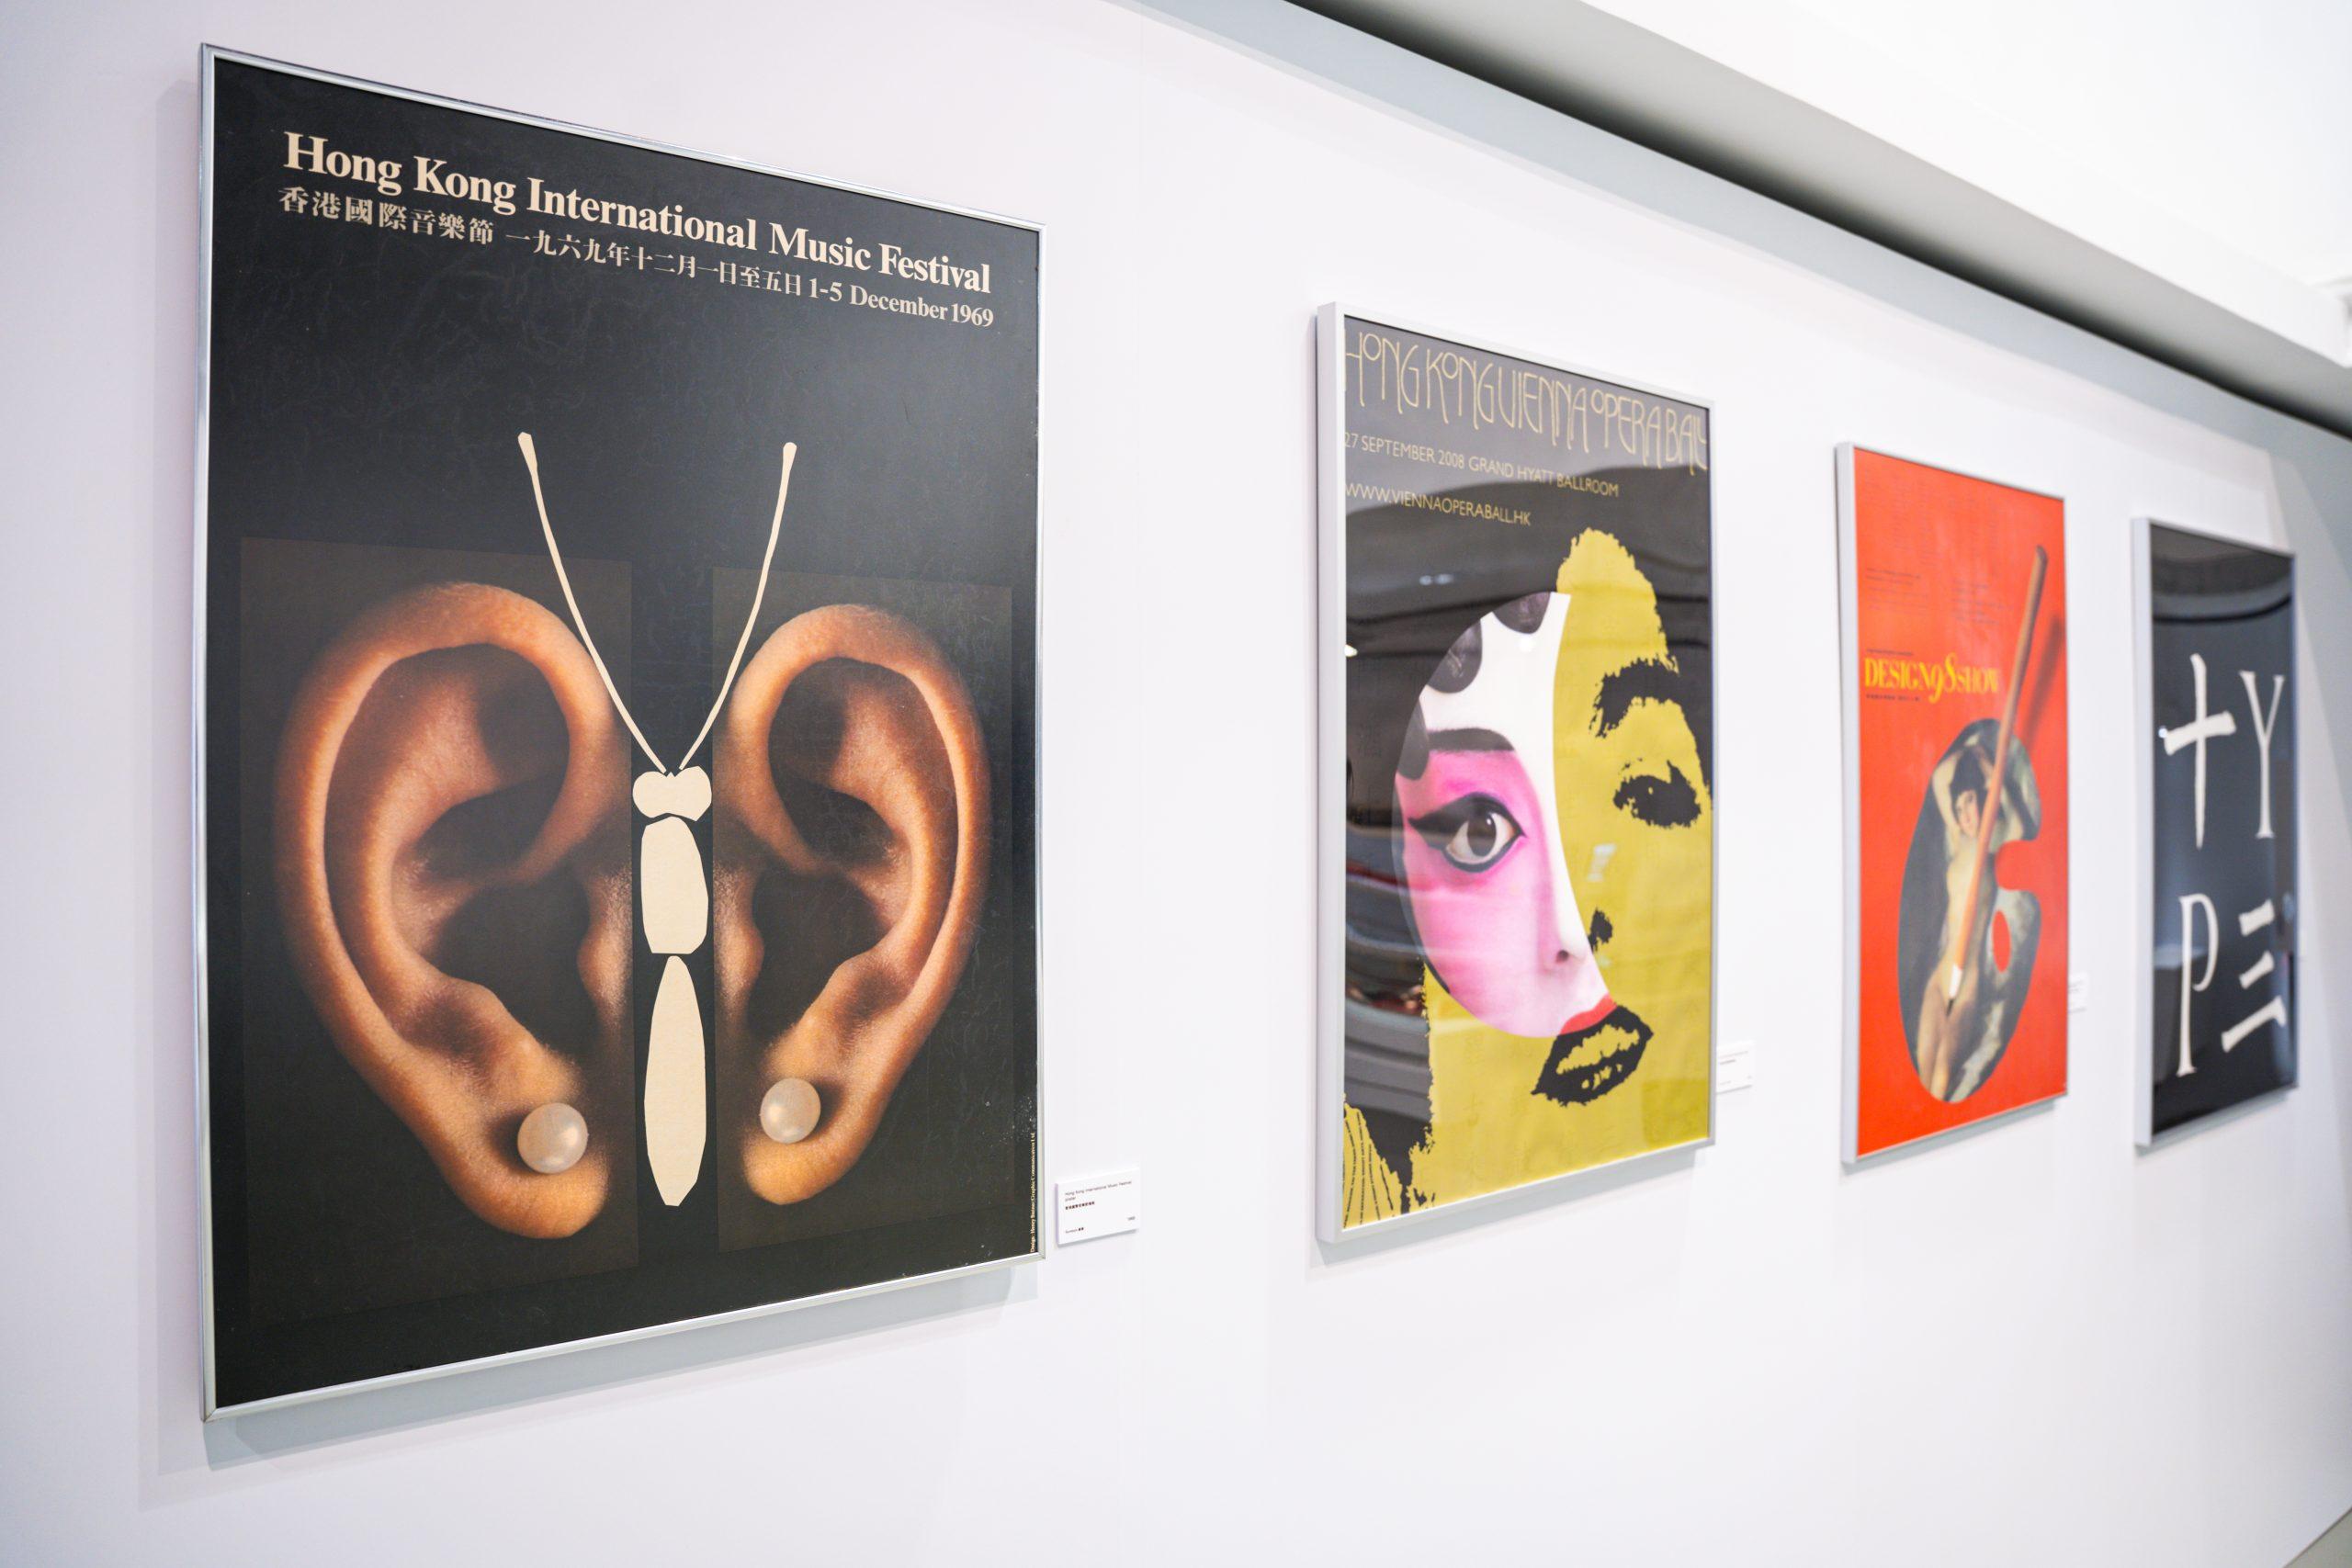 老香港設計展覽 石漢瑞 設計 海報 圖像故事